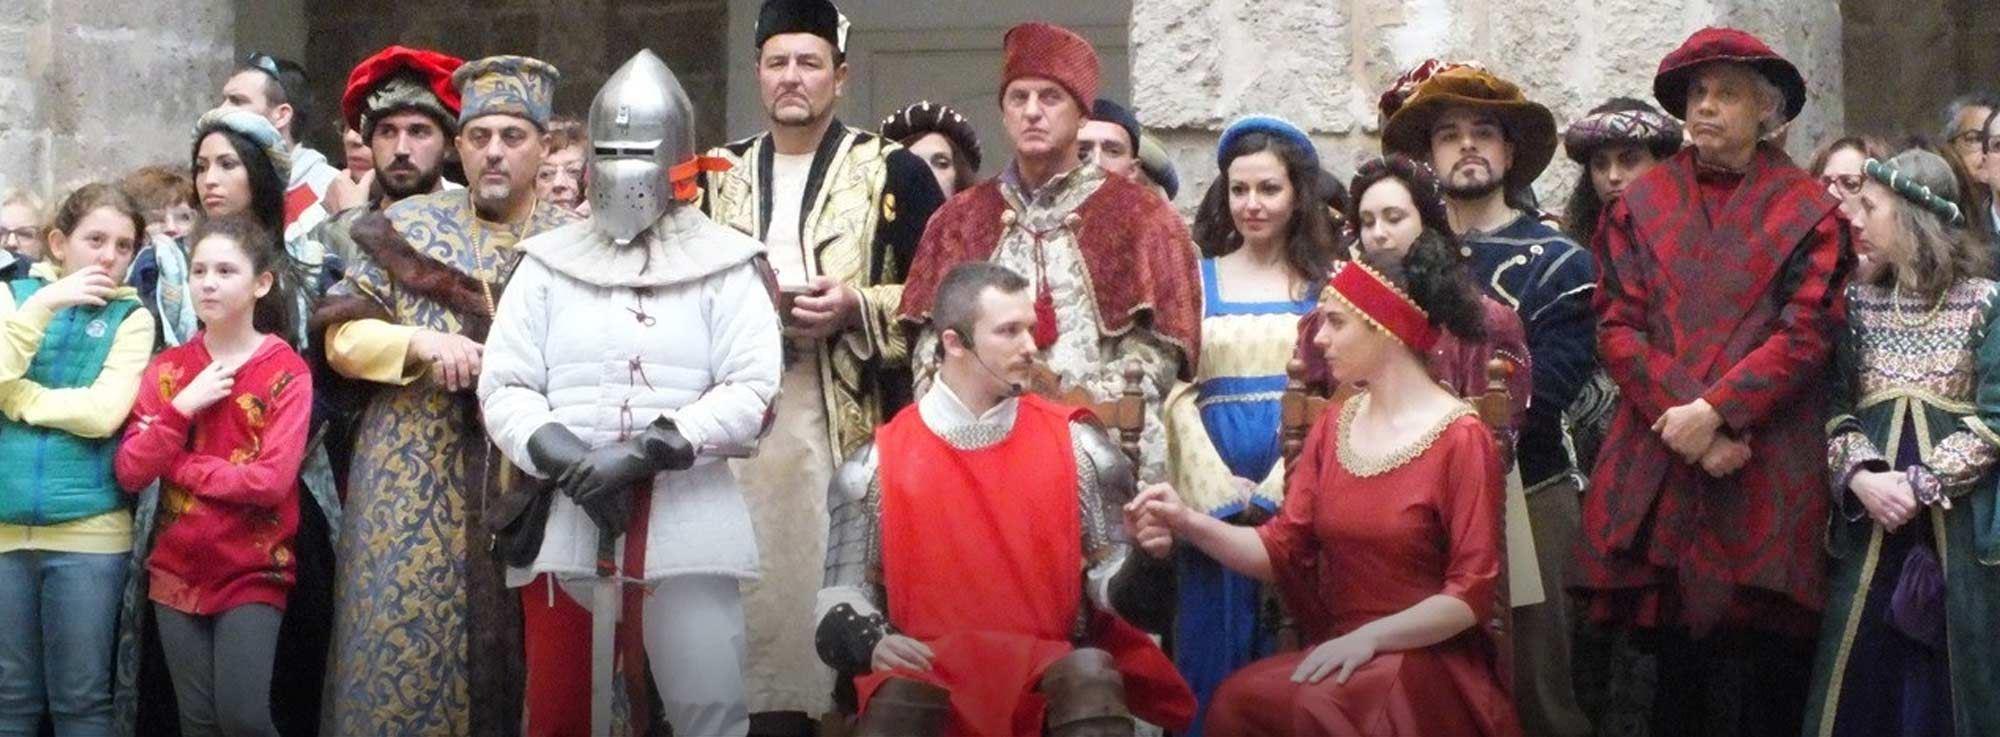 Taranto: Rievocazione storica del Matrimonio di Maria d'Enghien